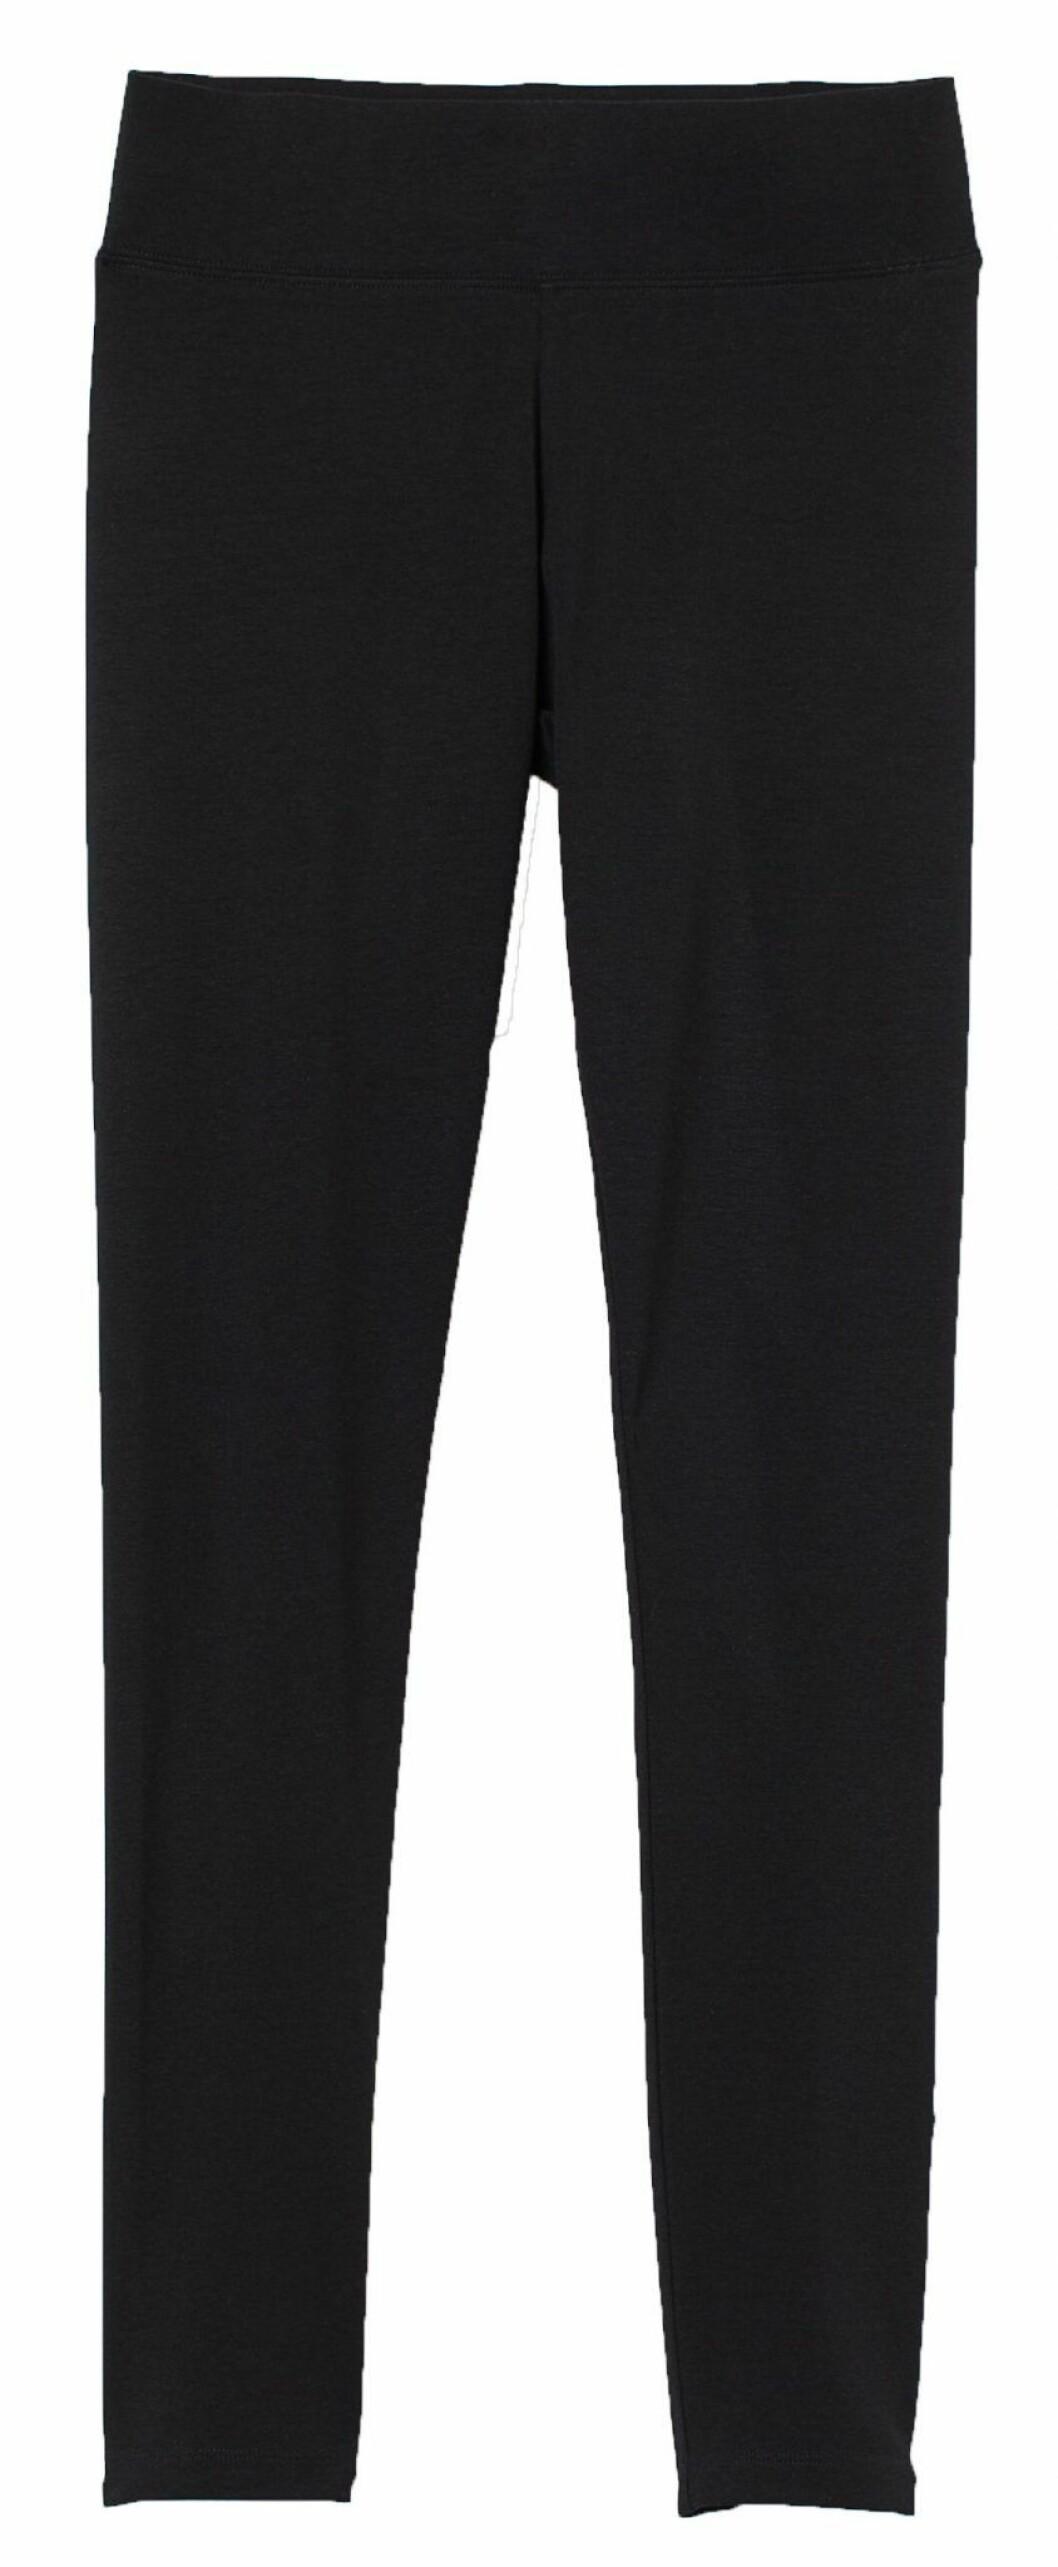 svarta leggings från H&M.